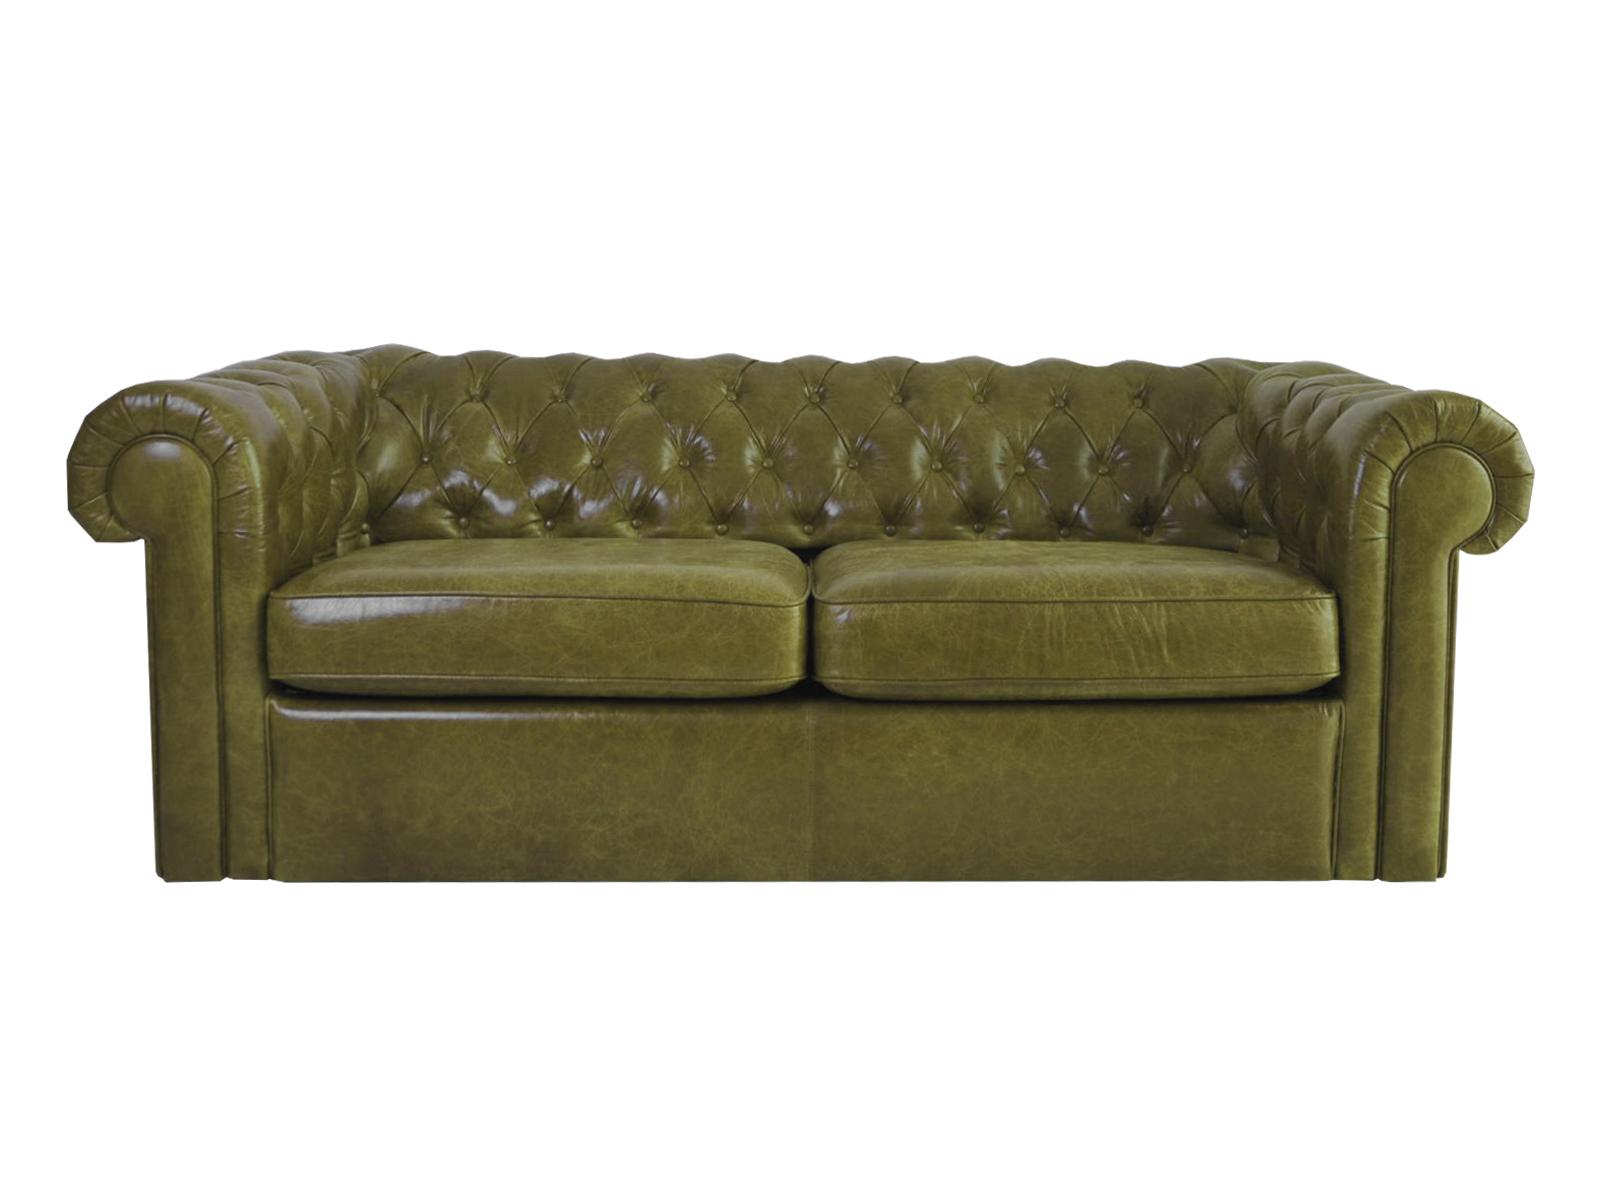 Диван ChesterКожаные диваны<br>Классический двухместный диван. Благодаря наклону мягкой спинки диван Честер считается диваном повышенной комфортности. Диван изготовлен из натуральной, классической кожи с эффектом пулл-ап (кожа светлеет в местах натяжения), что придает винтажный облик изделия.&amp;lt;div&amp;gt;&amp;lt;br&amp;gt;&amp;lt;/div&amp;gt;&amp;lt;div&amp;gt;&amp;lt;div&amp;gt;Материалы:&amp;lt;/div&amp;gt;&amp;lt;div&amp;gt;Каркас: деревянный брус, фанера, МДФ.&amp;lt;/div&amp;gt;&amp;lt;div&amp;gt;Подушки спинок: пенополиуретан, синтепон.&amp;lt;/div&amp;gt;&amp;lt;div&amp;gt;Подушки сидений: пенополиуретан, синтепонн.&amp;lt;/div&amp;gt;&amp;lt;div&amp;gt;Обивка: натуральная кожа.&amp;lt;/div&amp;gt;&amp;lt;/div&amp;gt;<br><br>Material: Кожа<br>Ширина см: 208<br>Высота см: 73<br>Глубина см: 105